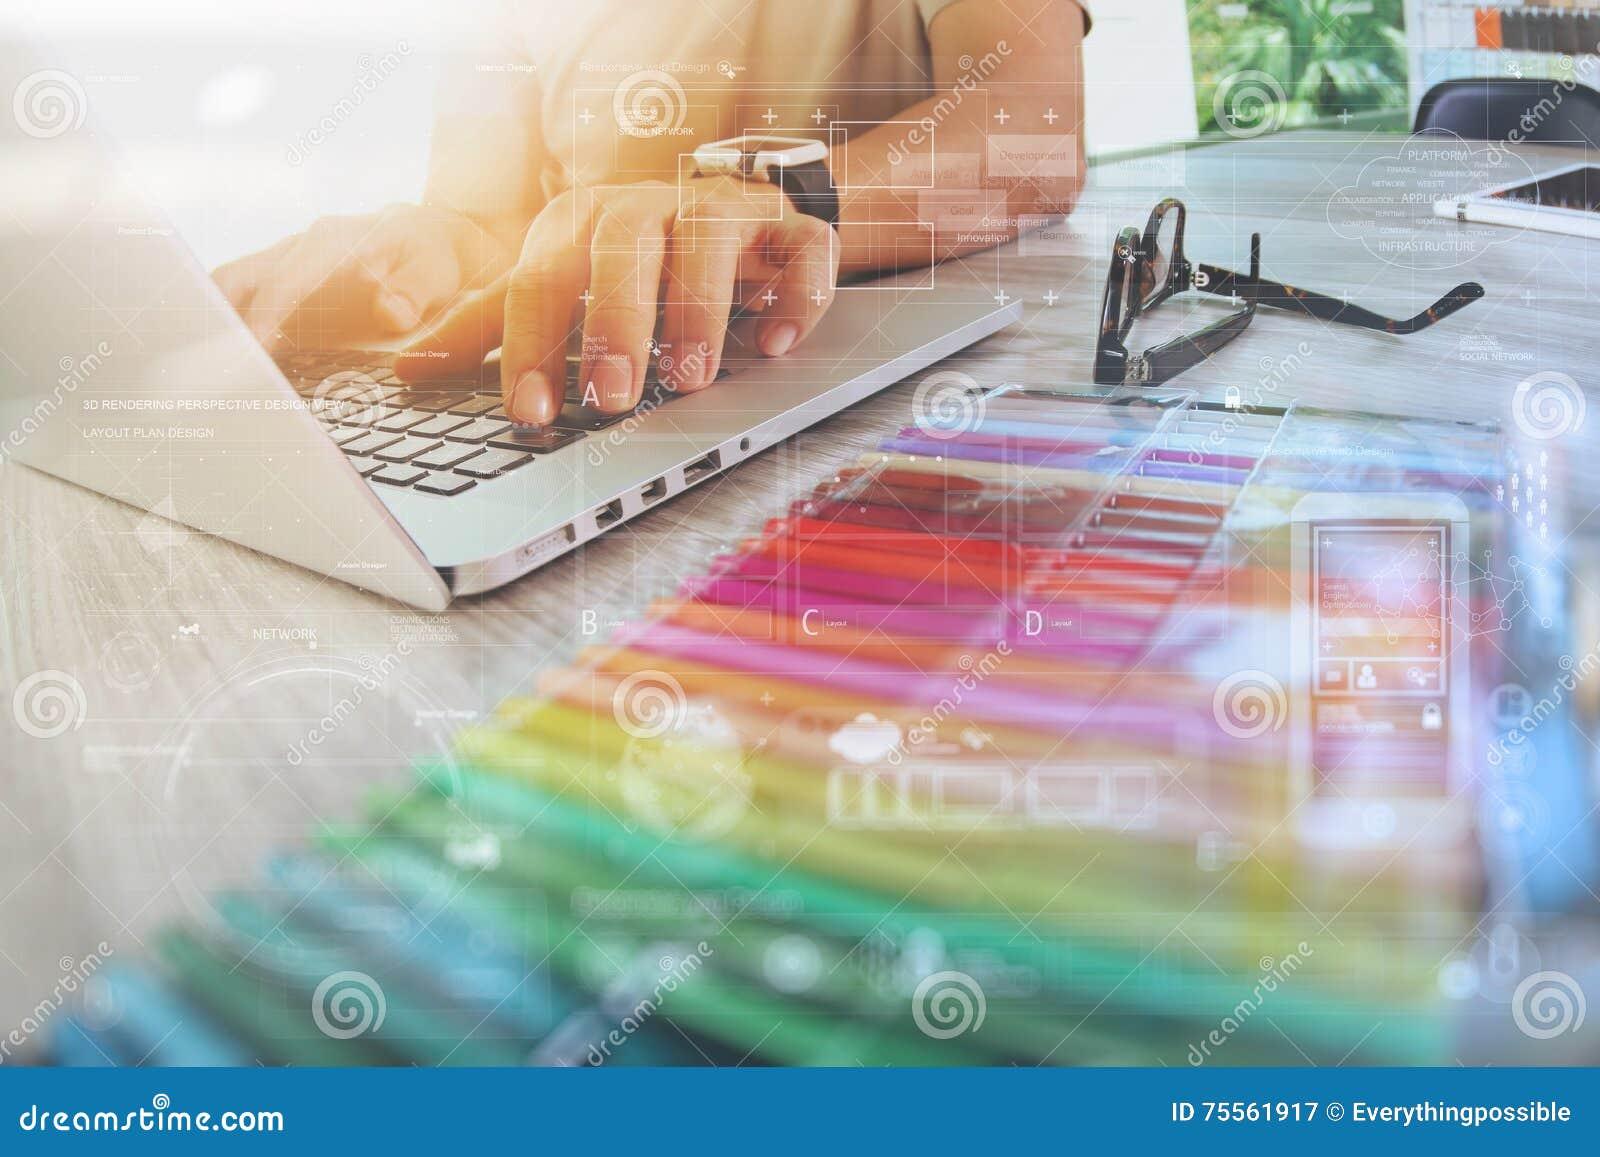 Σχεδιαστής ιστοχώρου που απασχολείται στο ψηφιακό lap-top ταμπλετών και υπολογιστών με